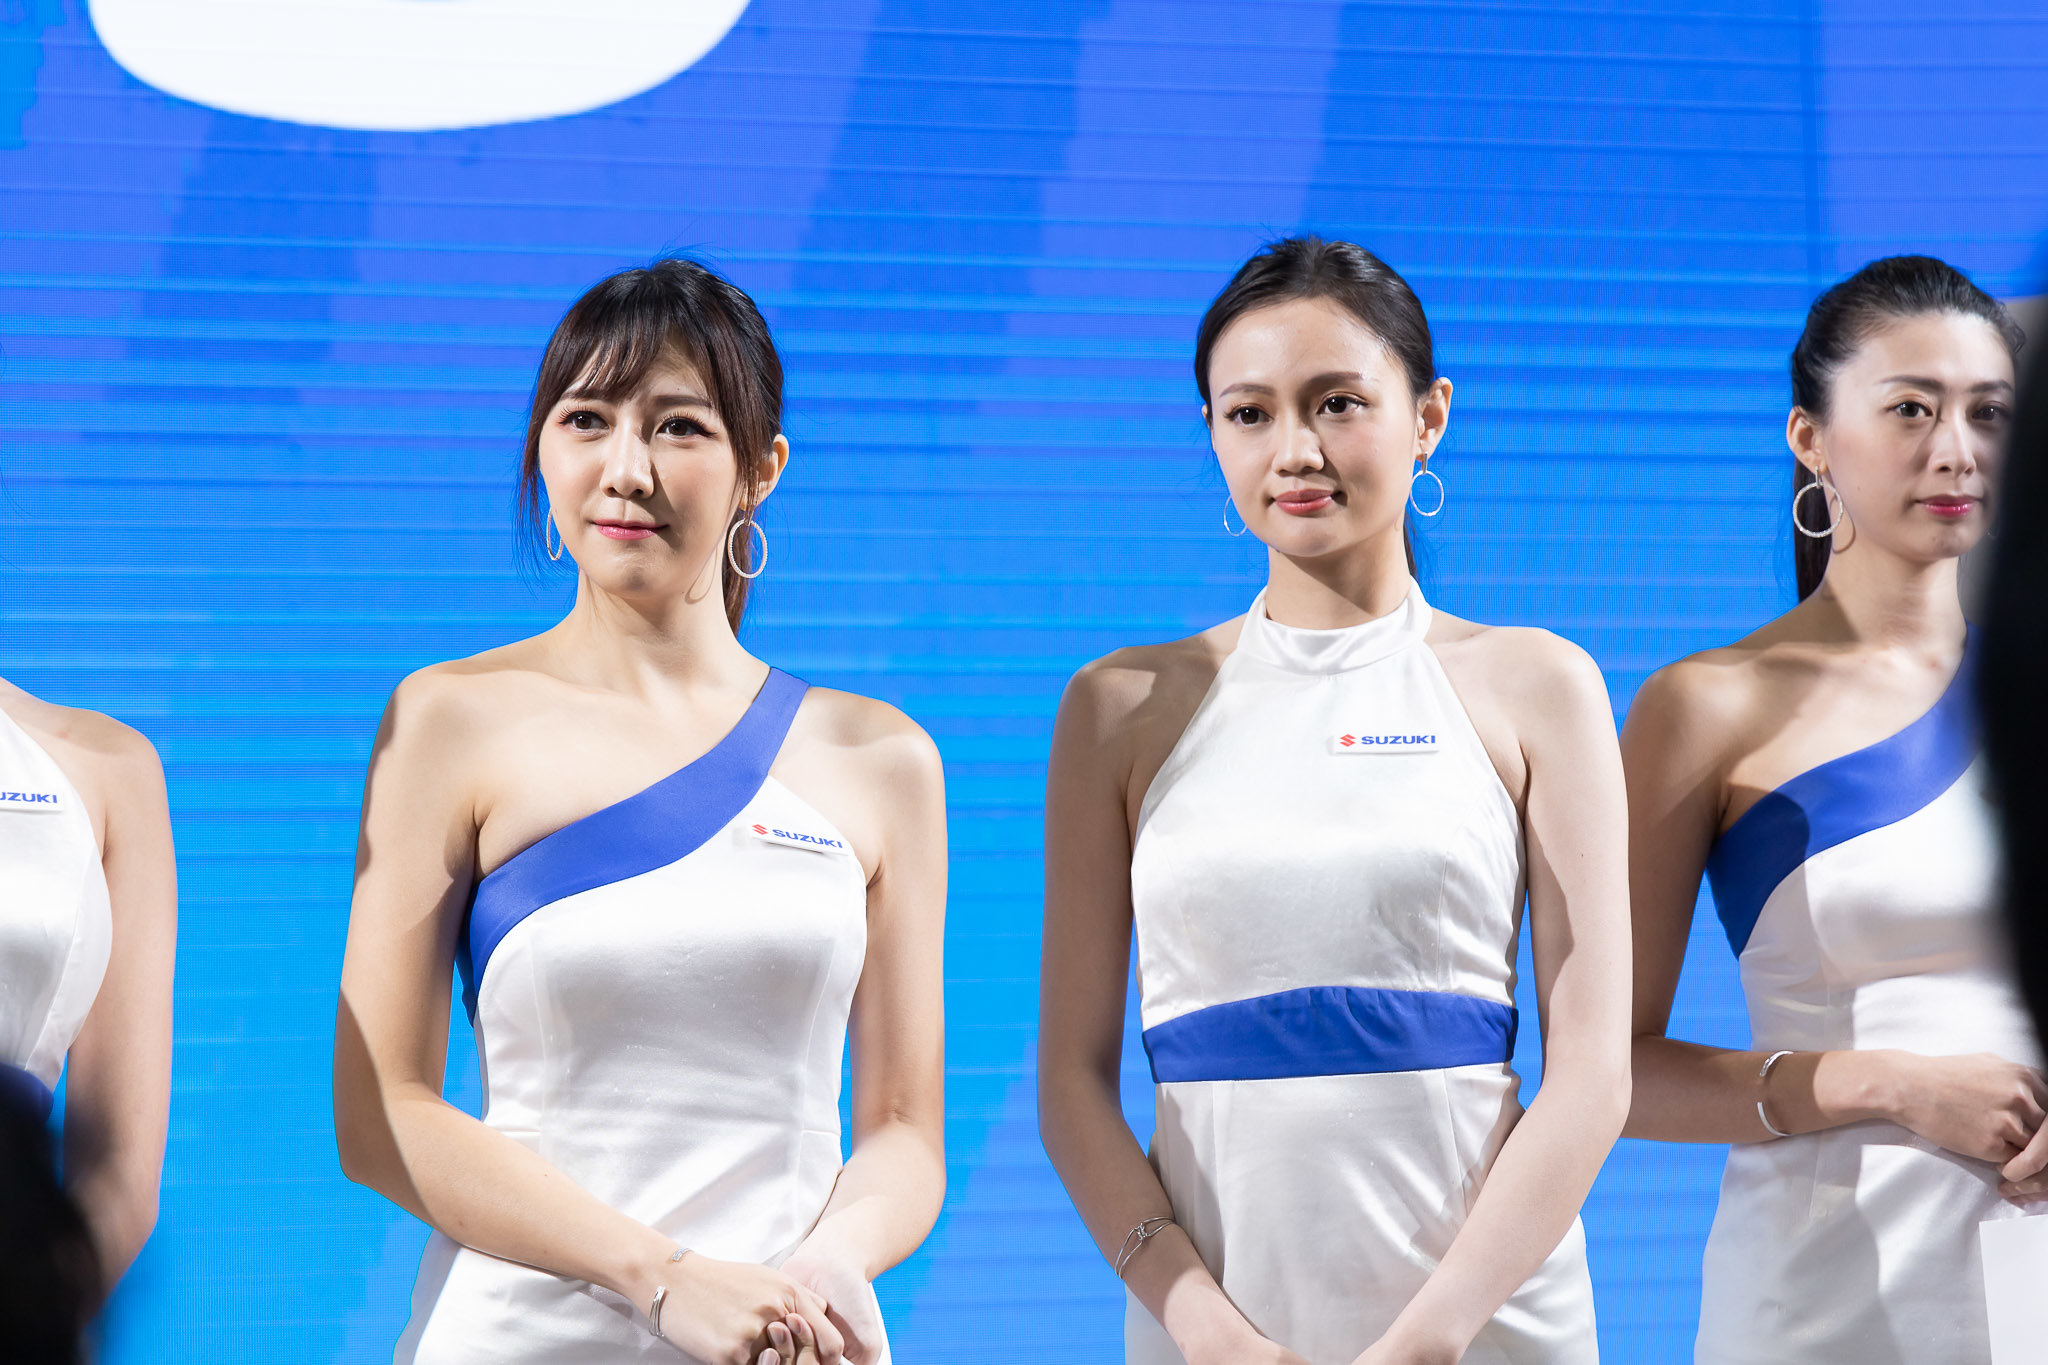 汽車 Cars - 台北 2020 Taipei 2020 #0045